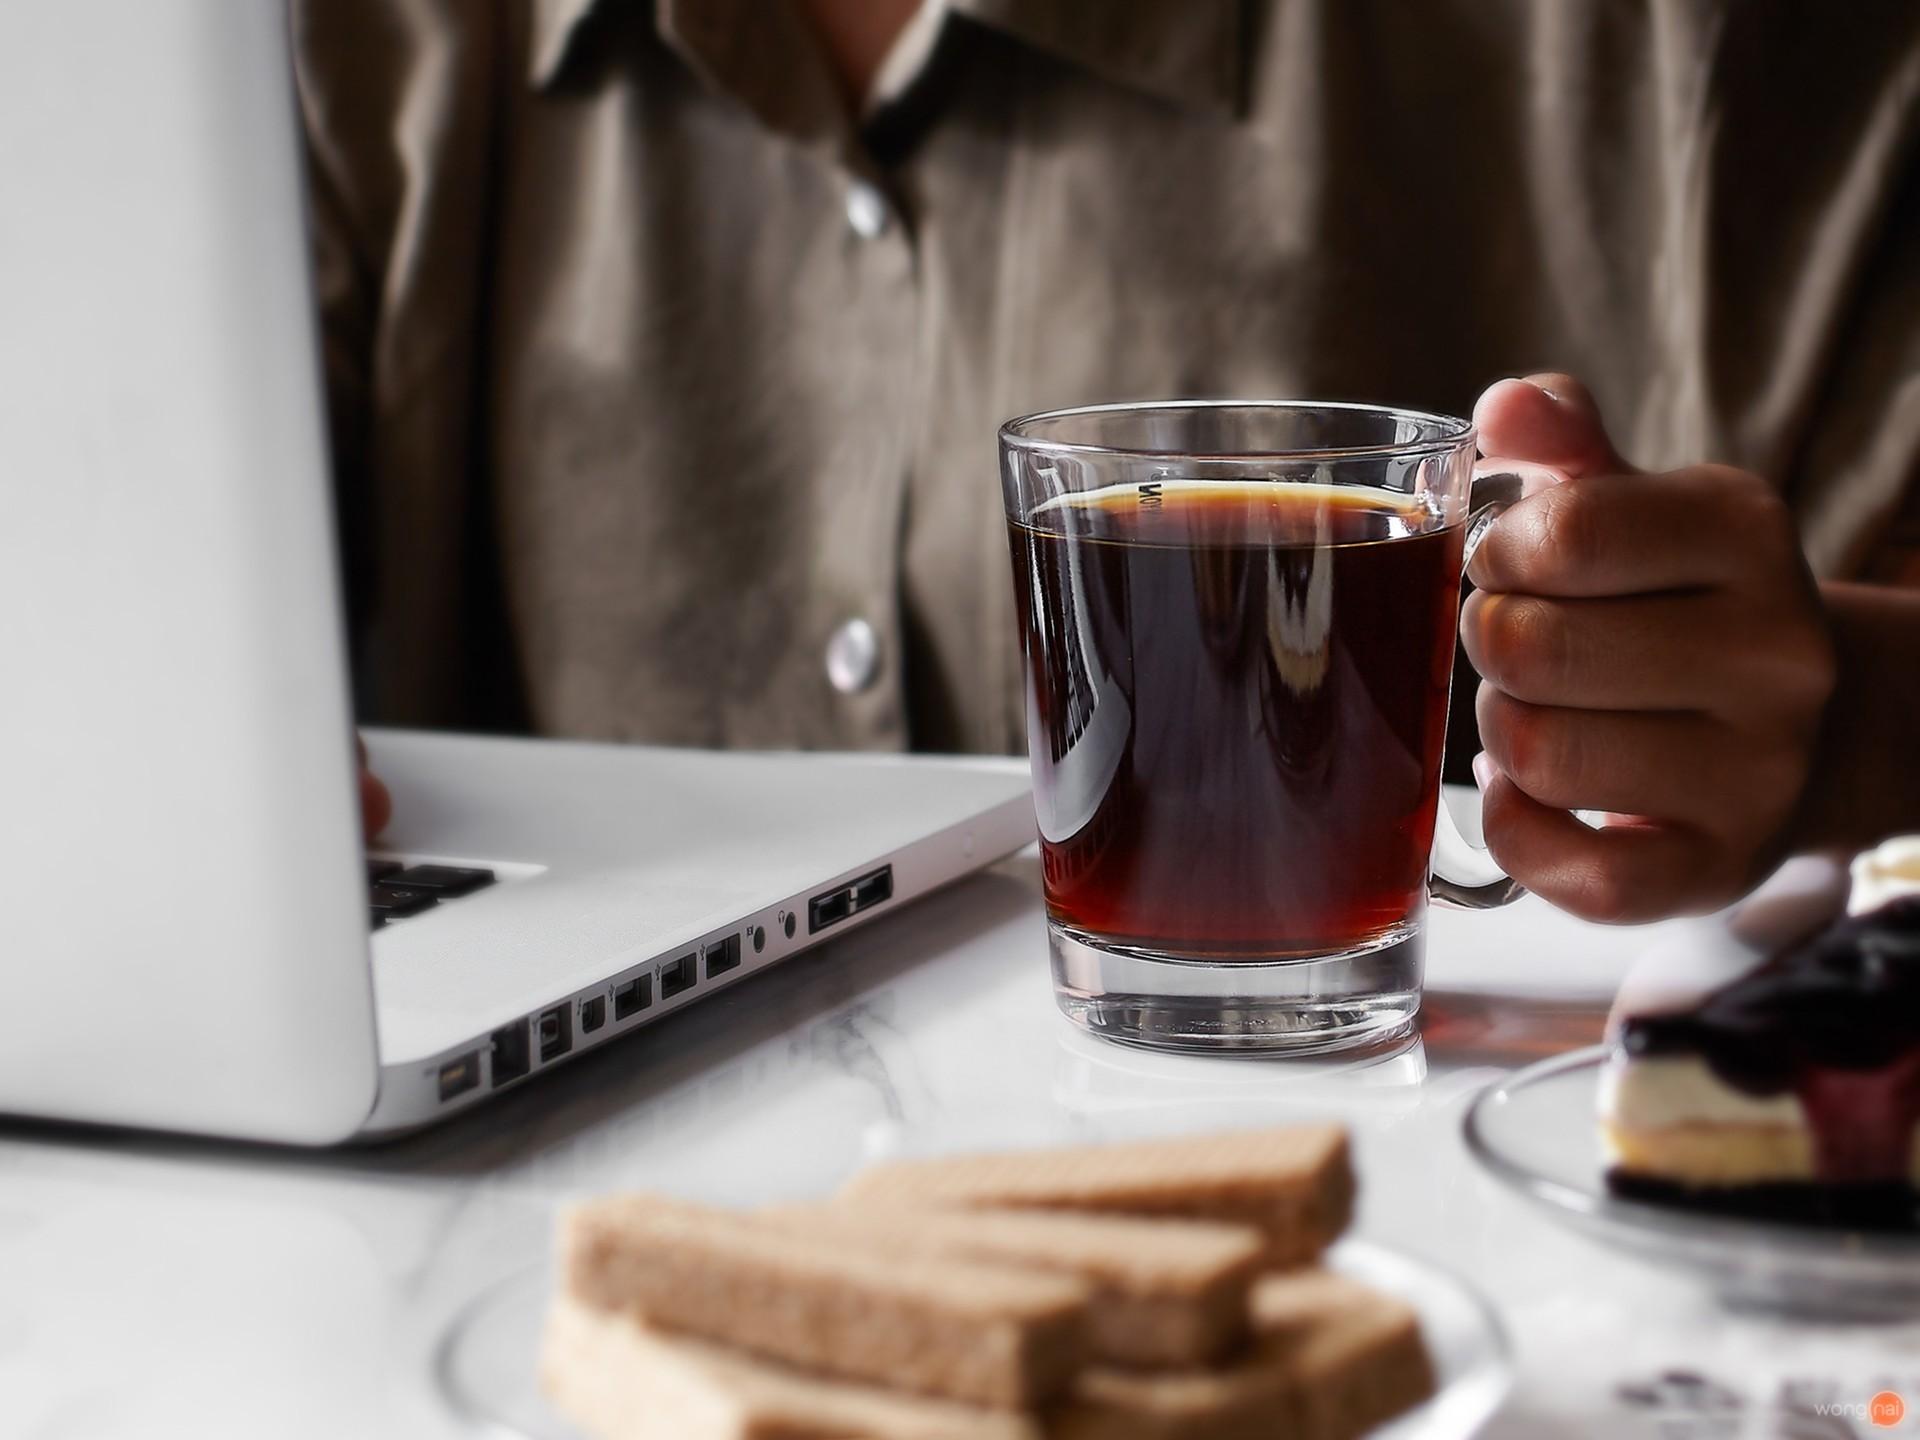 Drip Coffee กาแฟคั่วบดพร้อมกระดาษกรองสำเร็จรูป จาก Black Canyon